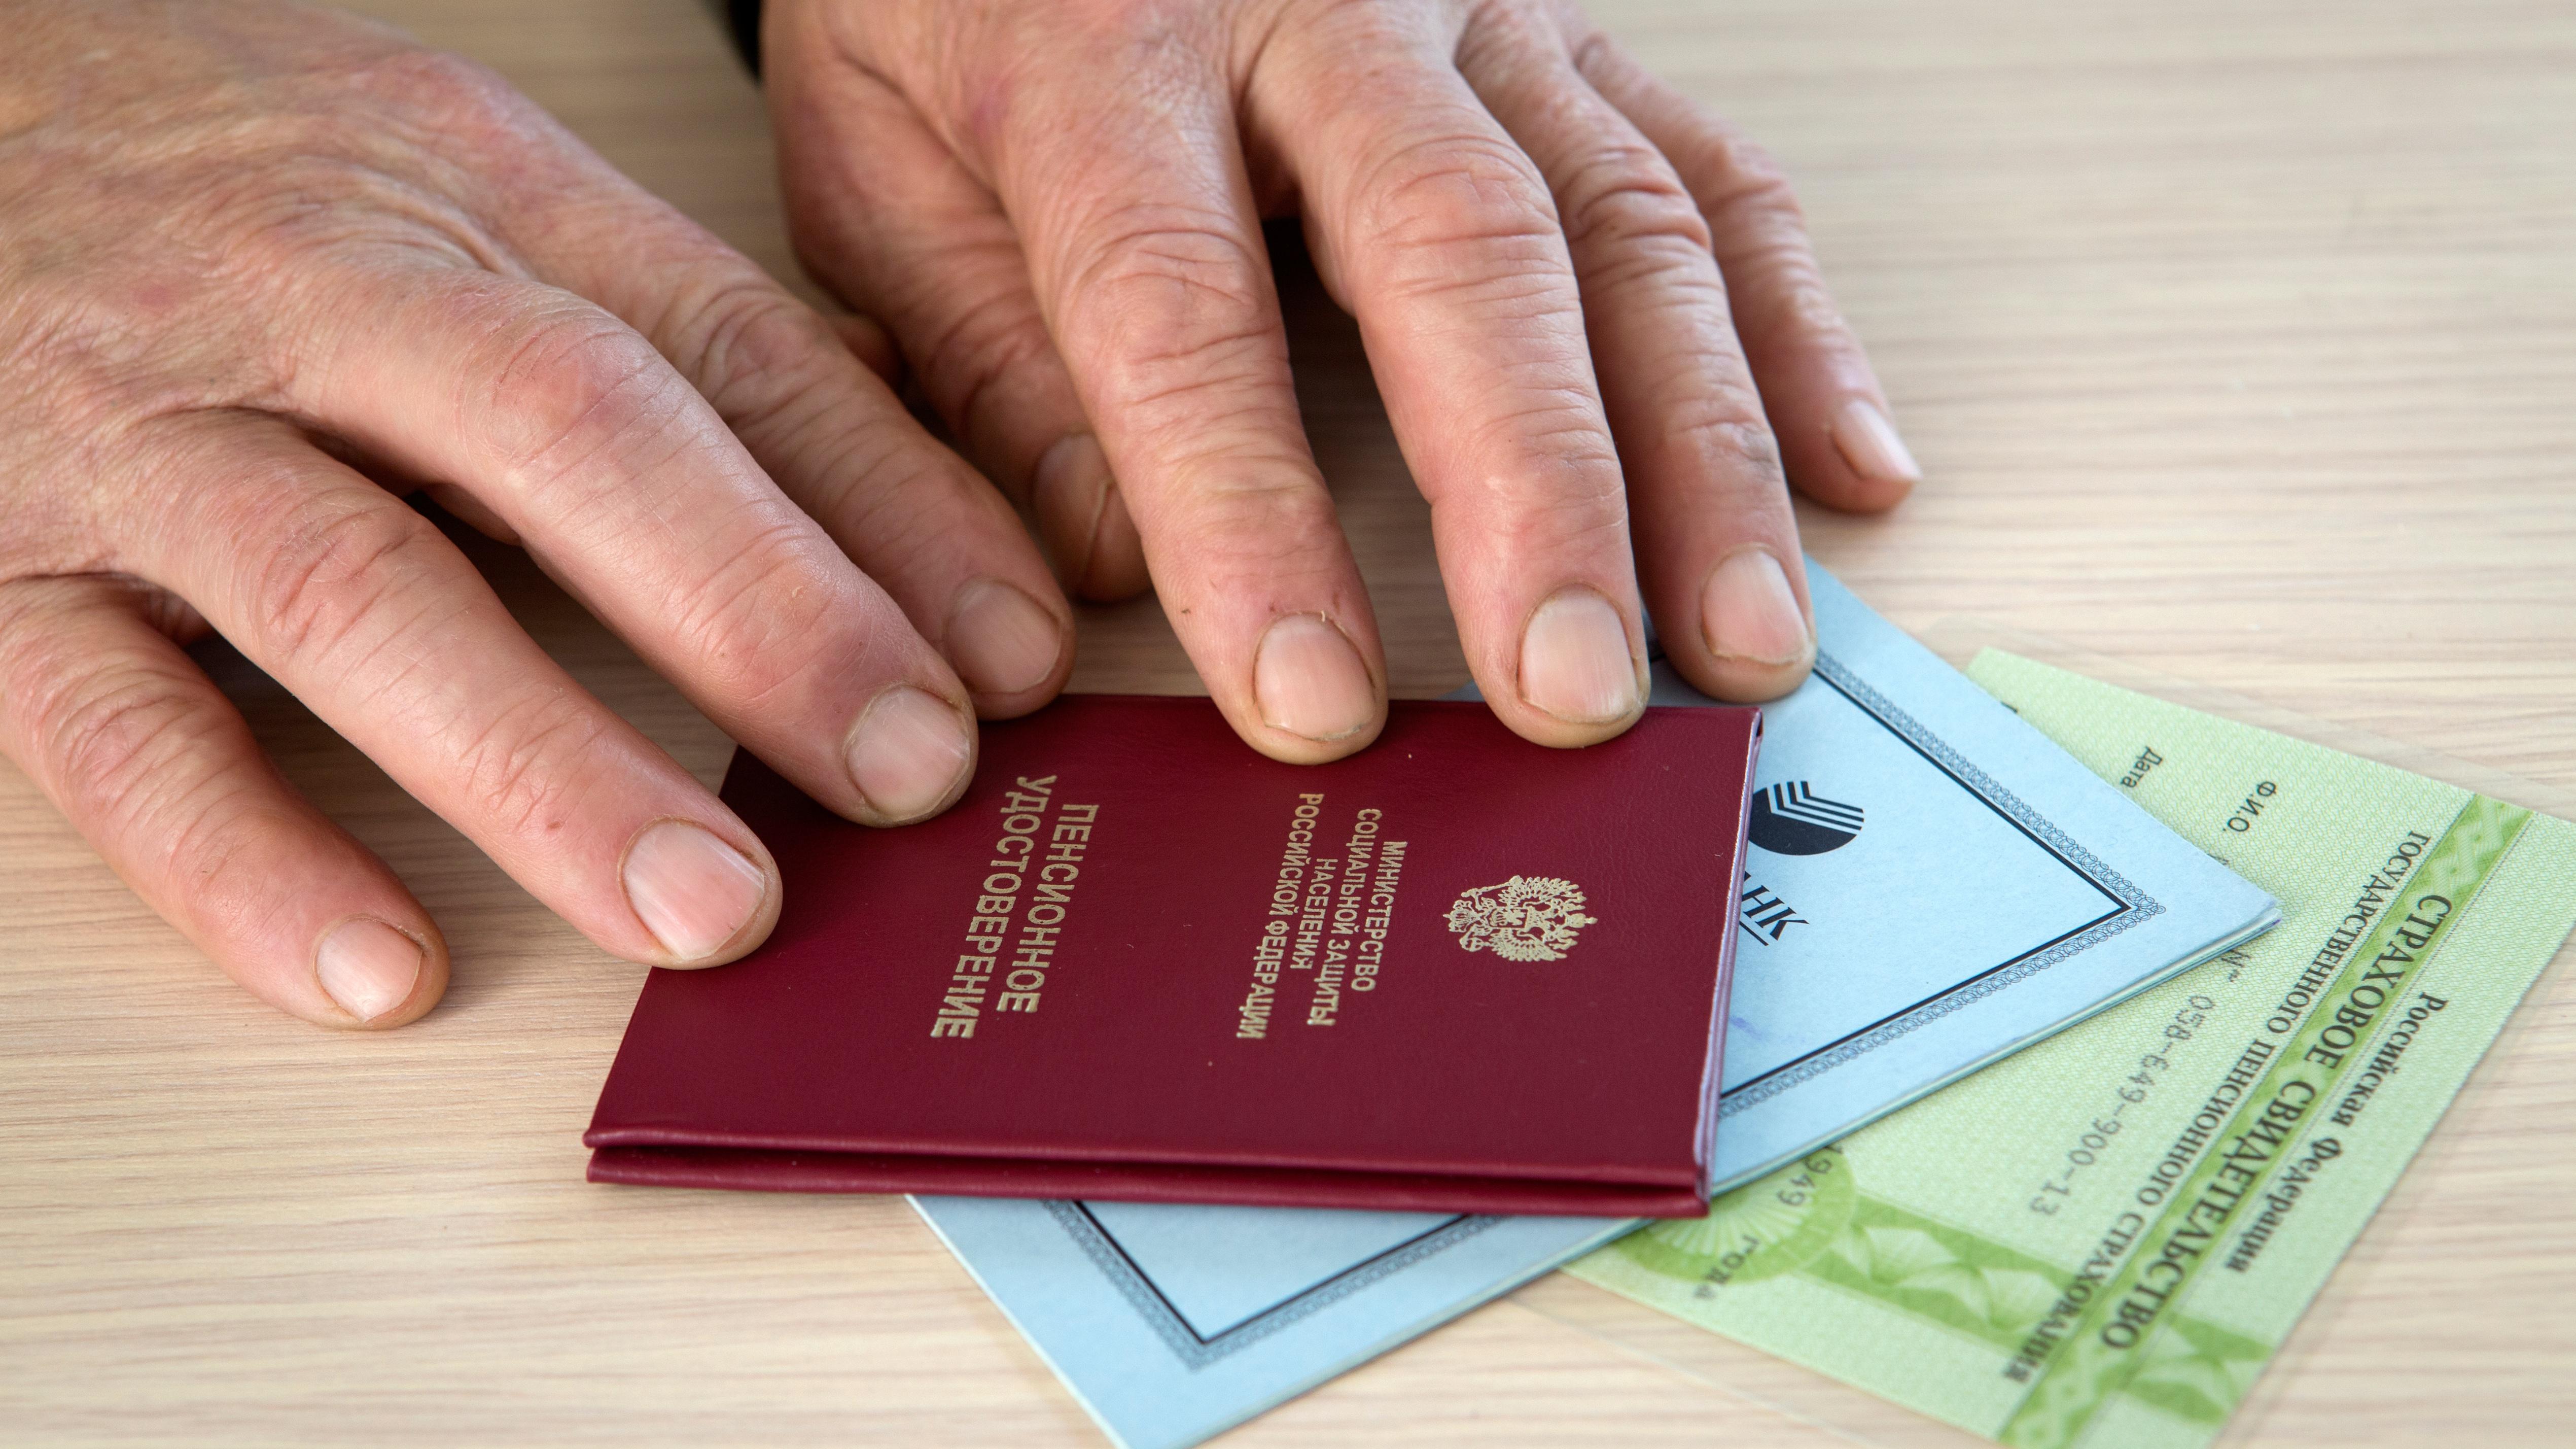 ПФР назвал категории граждан, которые смогут выйти на пенсию досрочно